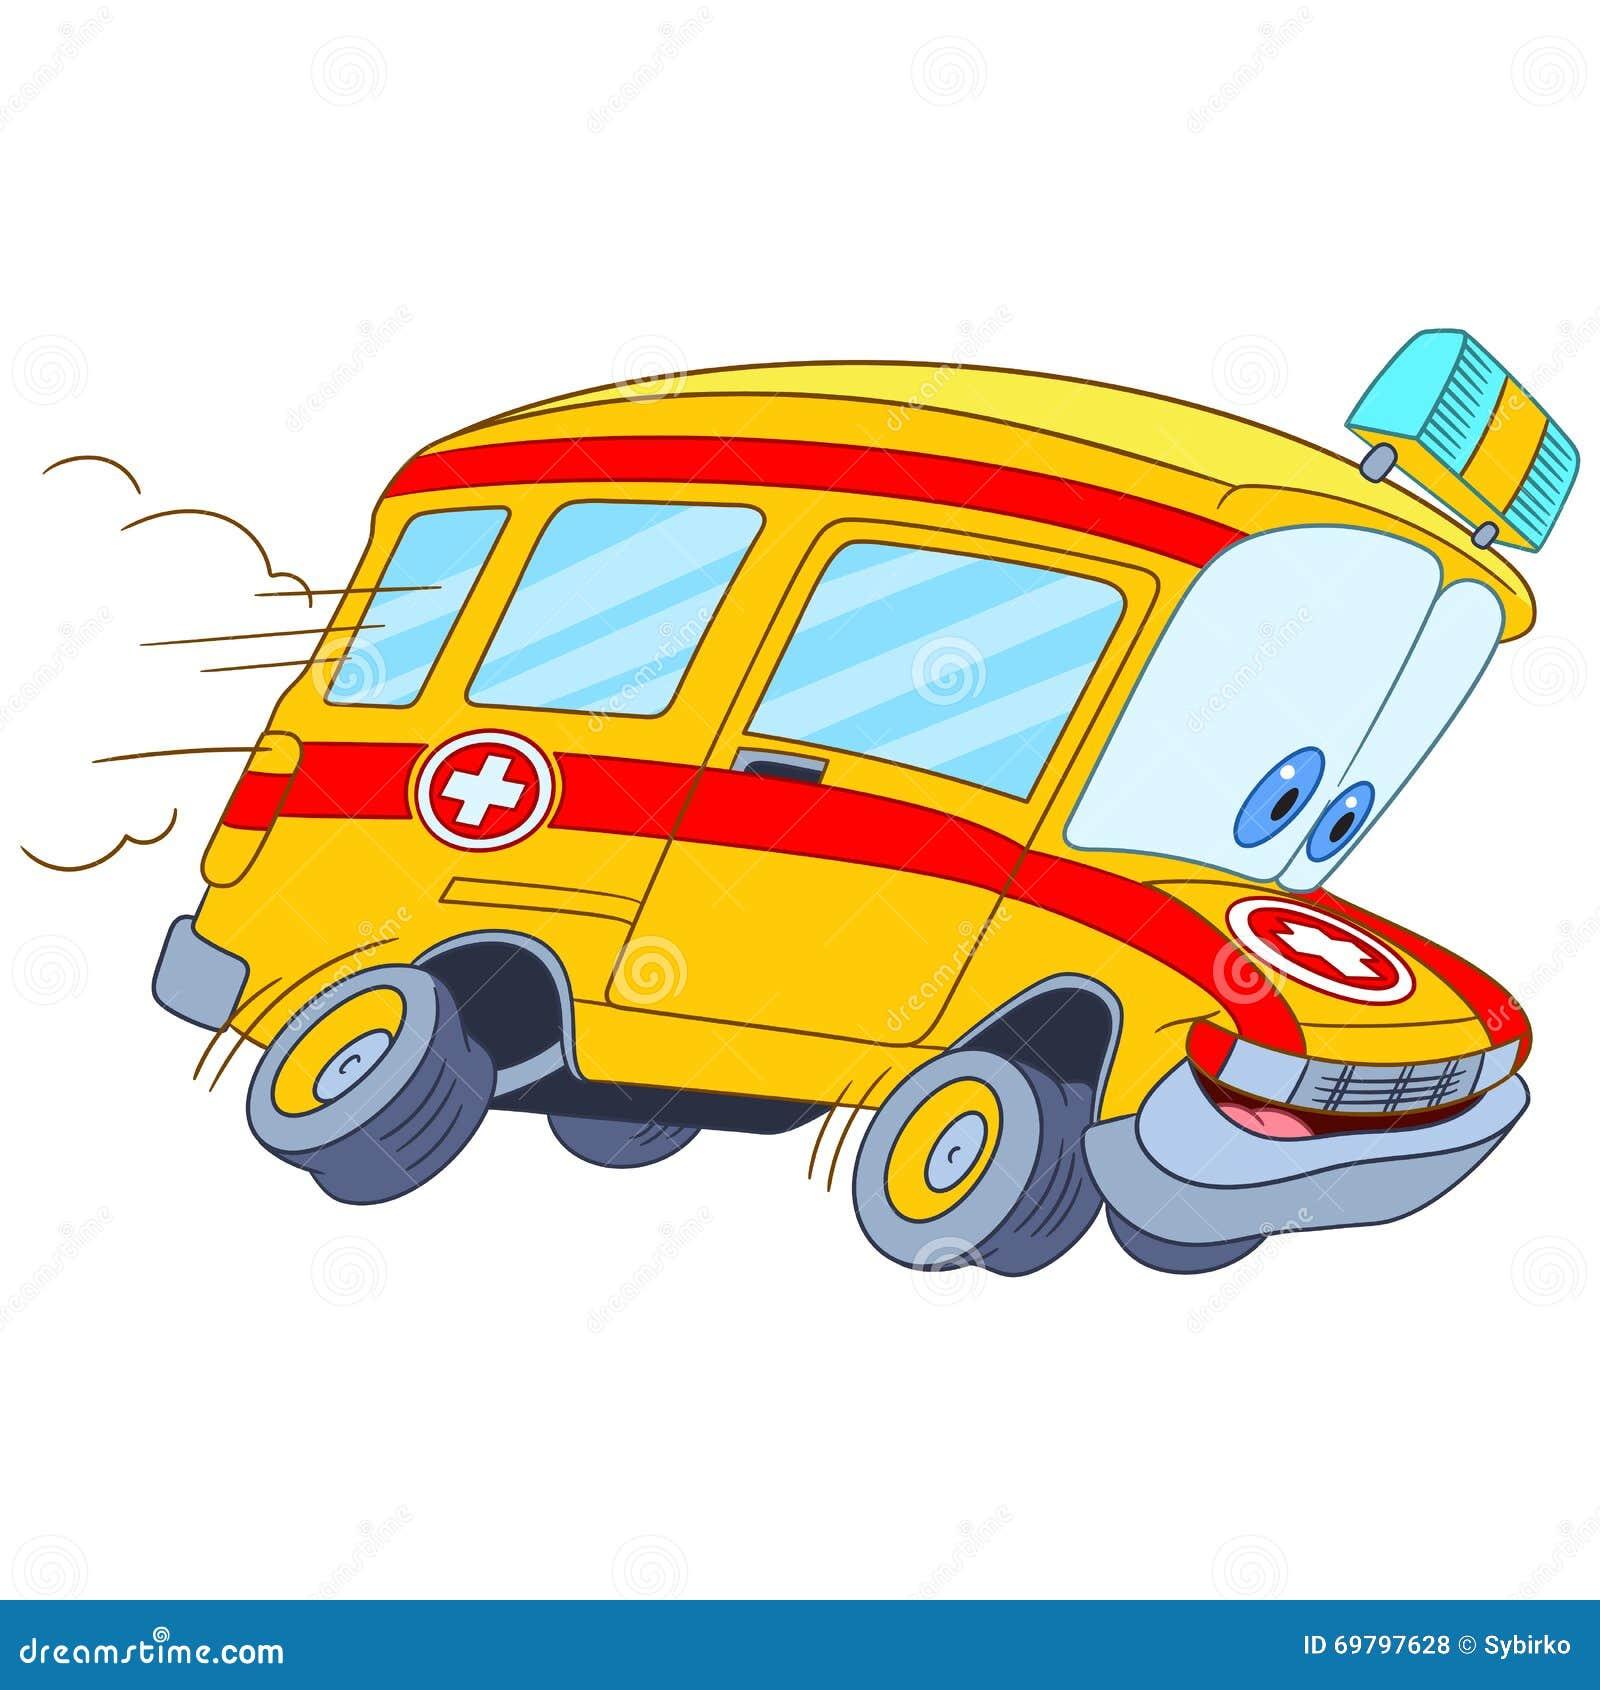 逗人喜爱和滑稽的幼稚动画片救护车汽车,传统化与孩子的人面,隔绝在图片